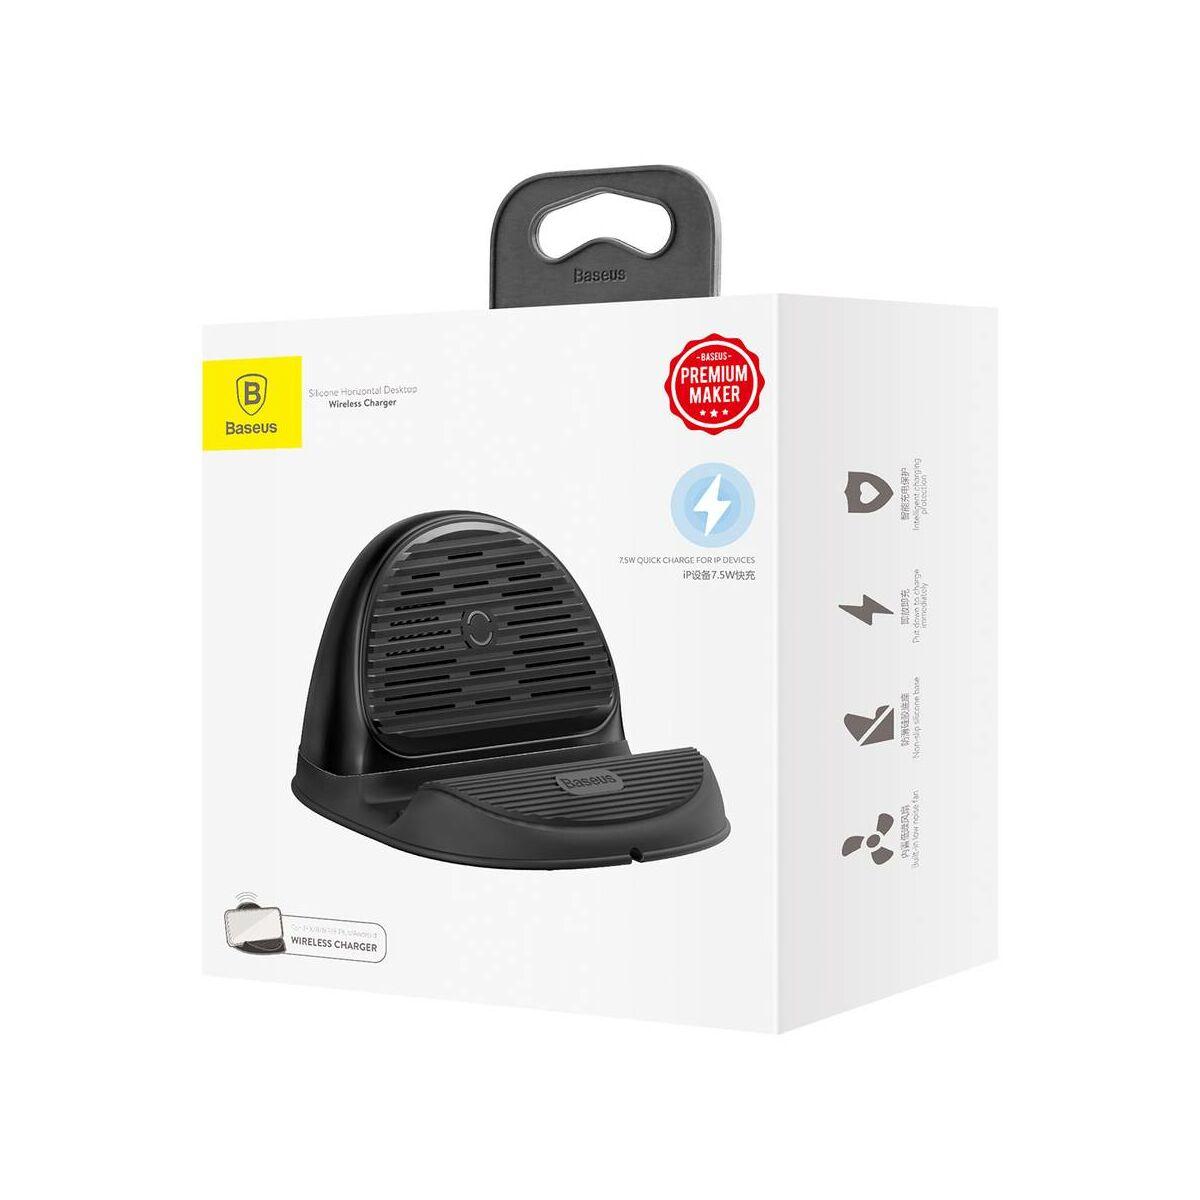 Baseus vezeték nélküli gyors töltés hűtőventilátorral és tartóval 10W, fekete (WXHSG-01)